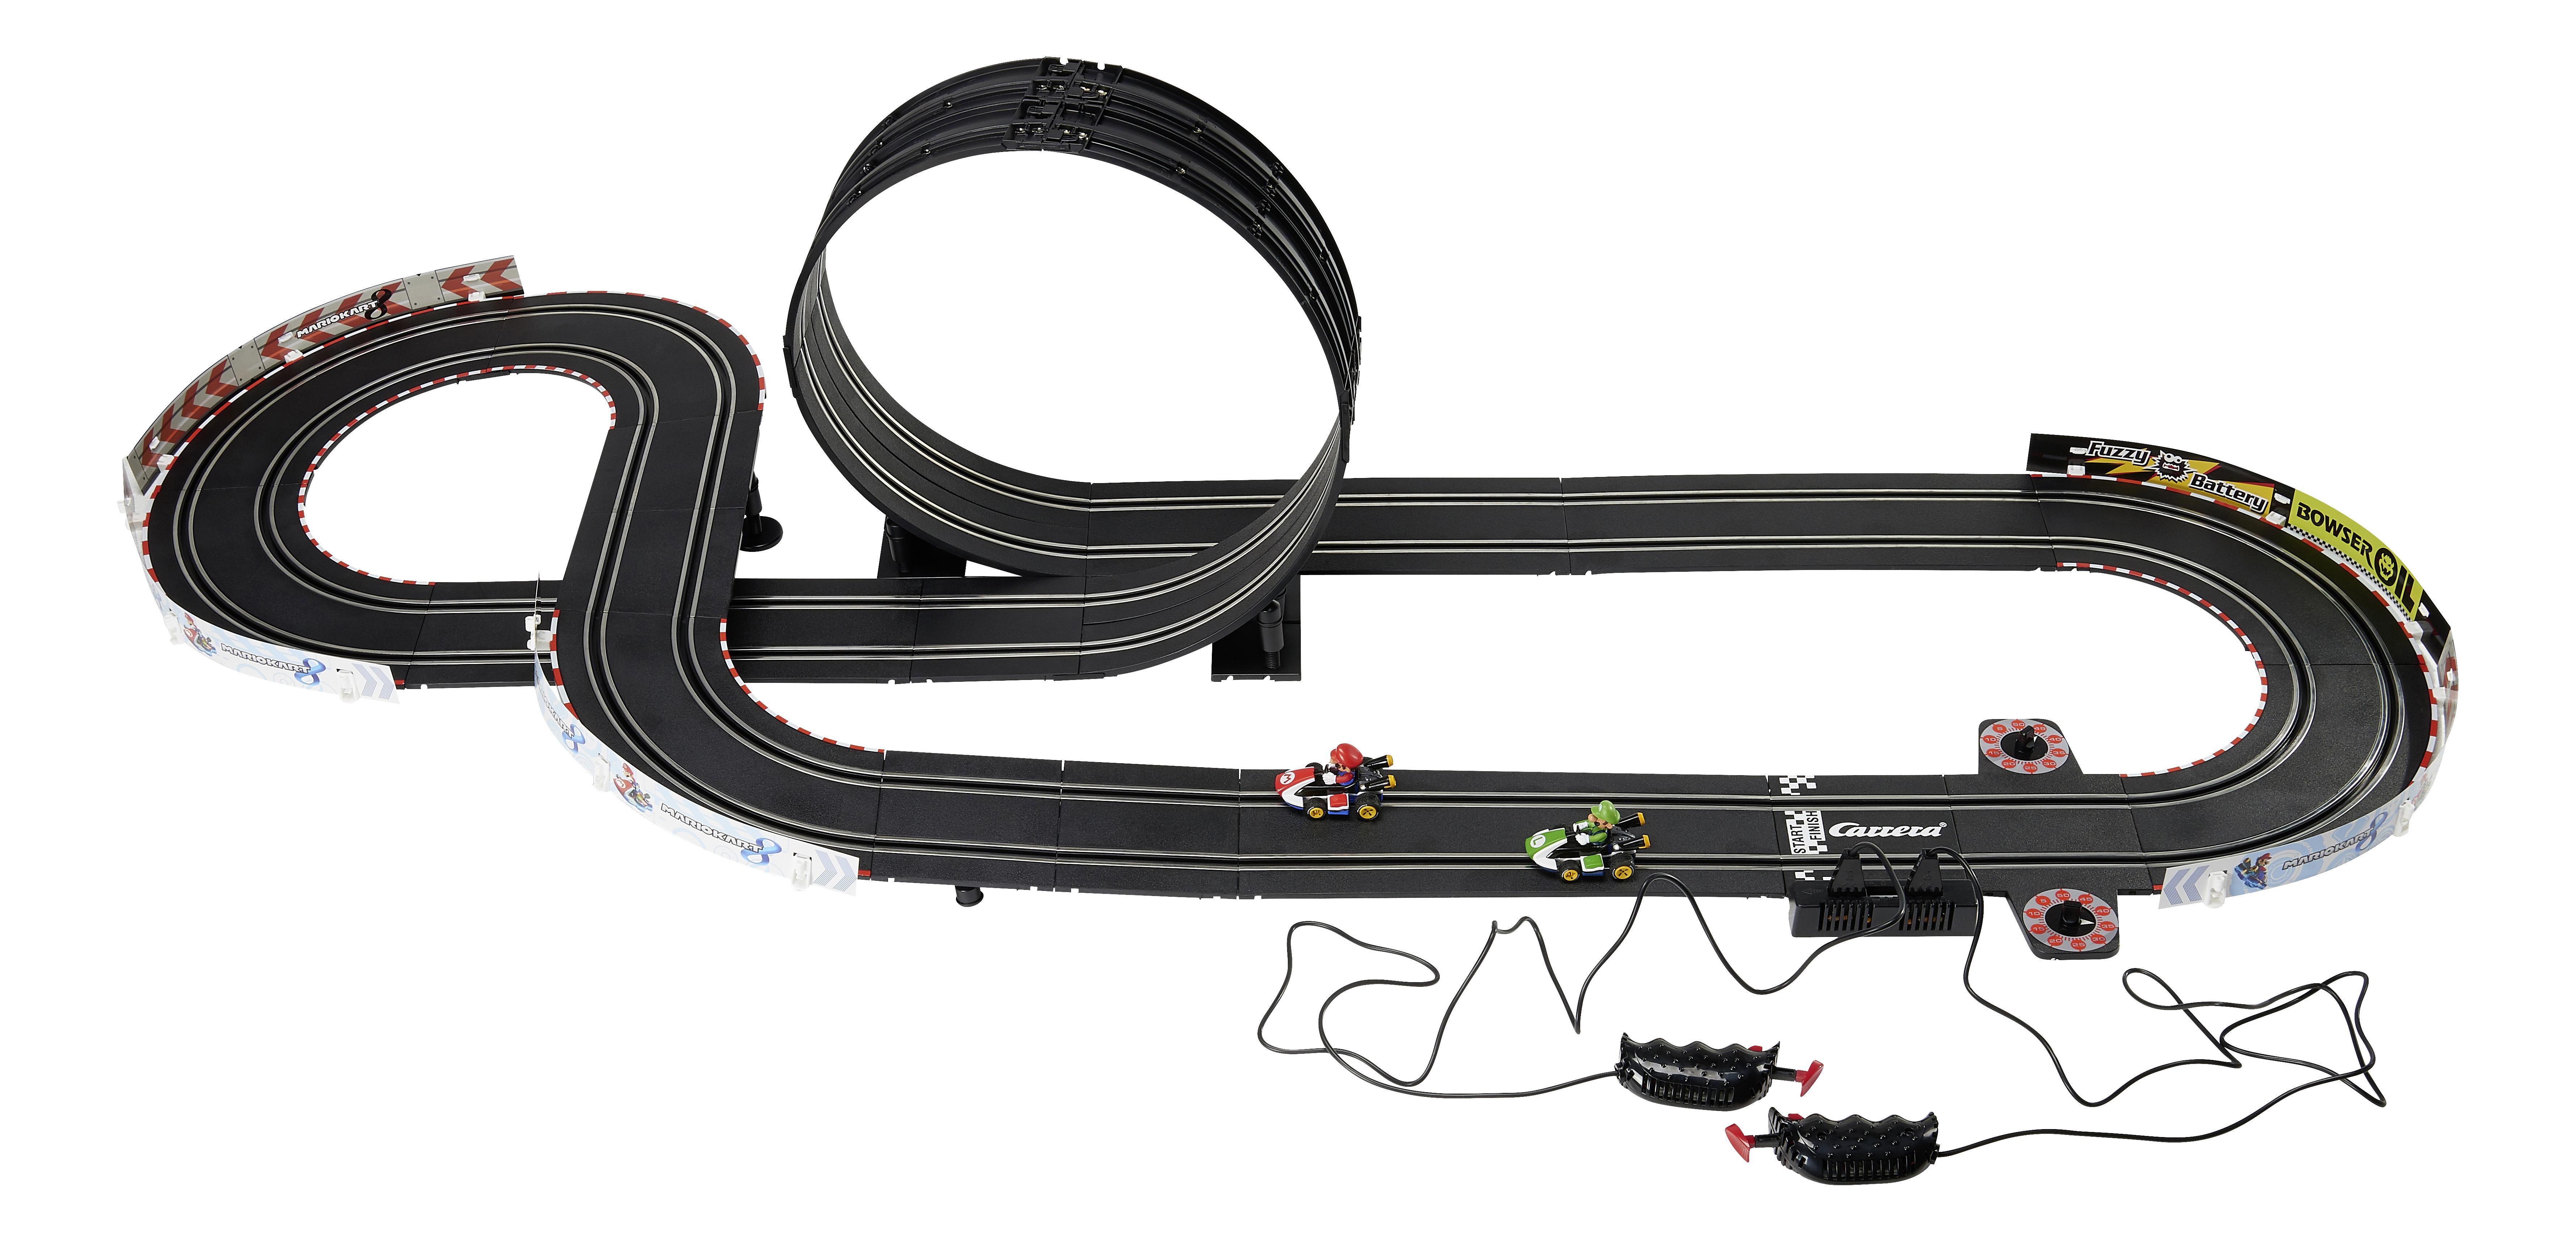 carrera go circuit lectrique mario kart 8 avec 2 voitures pas cher achat vente circuits. Black Bedroom Furniture Sets. Home Design Ideas